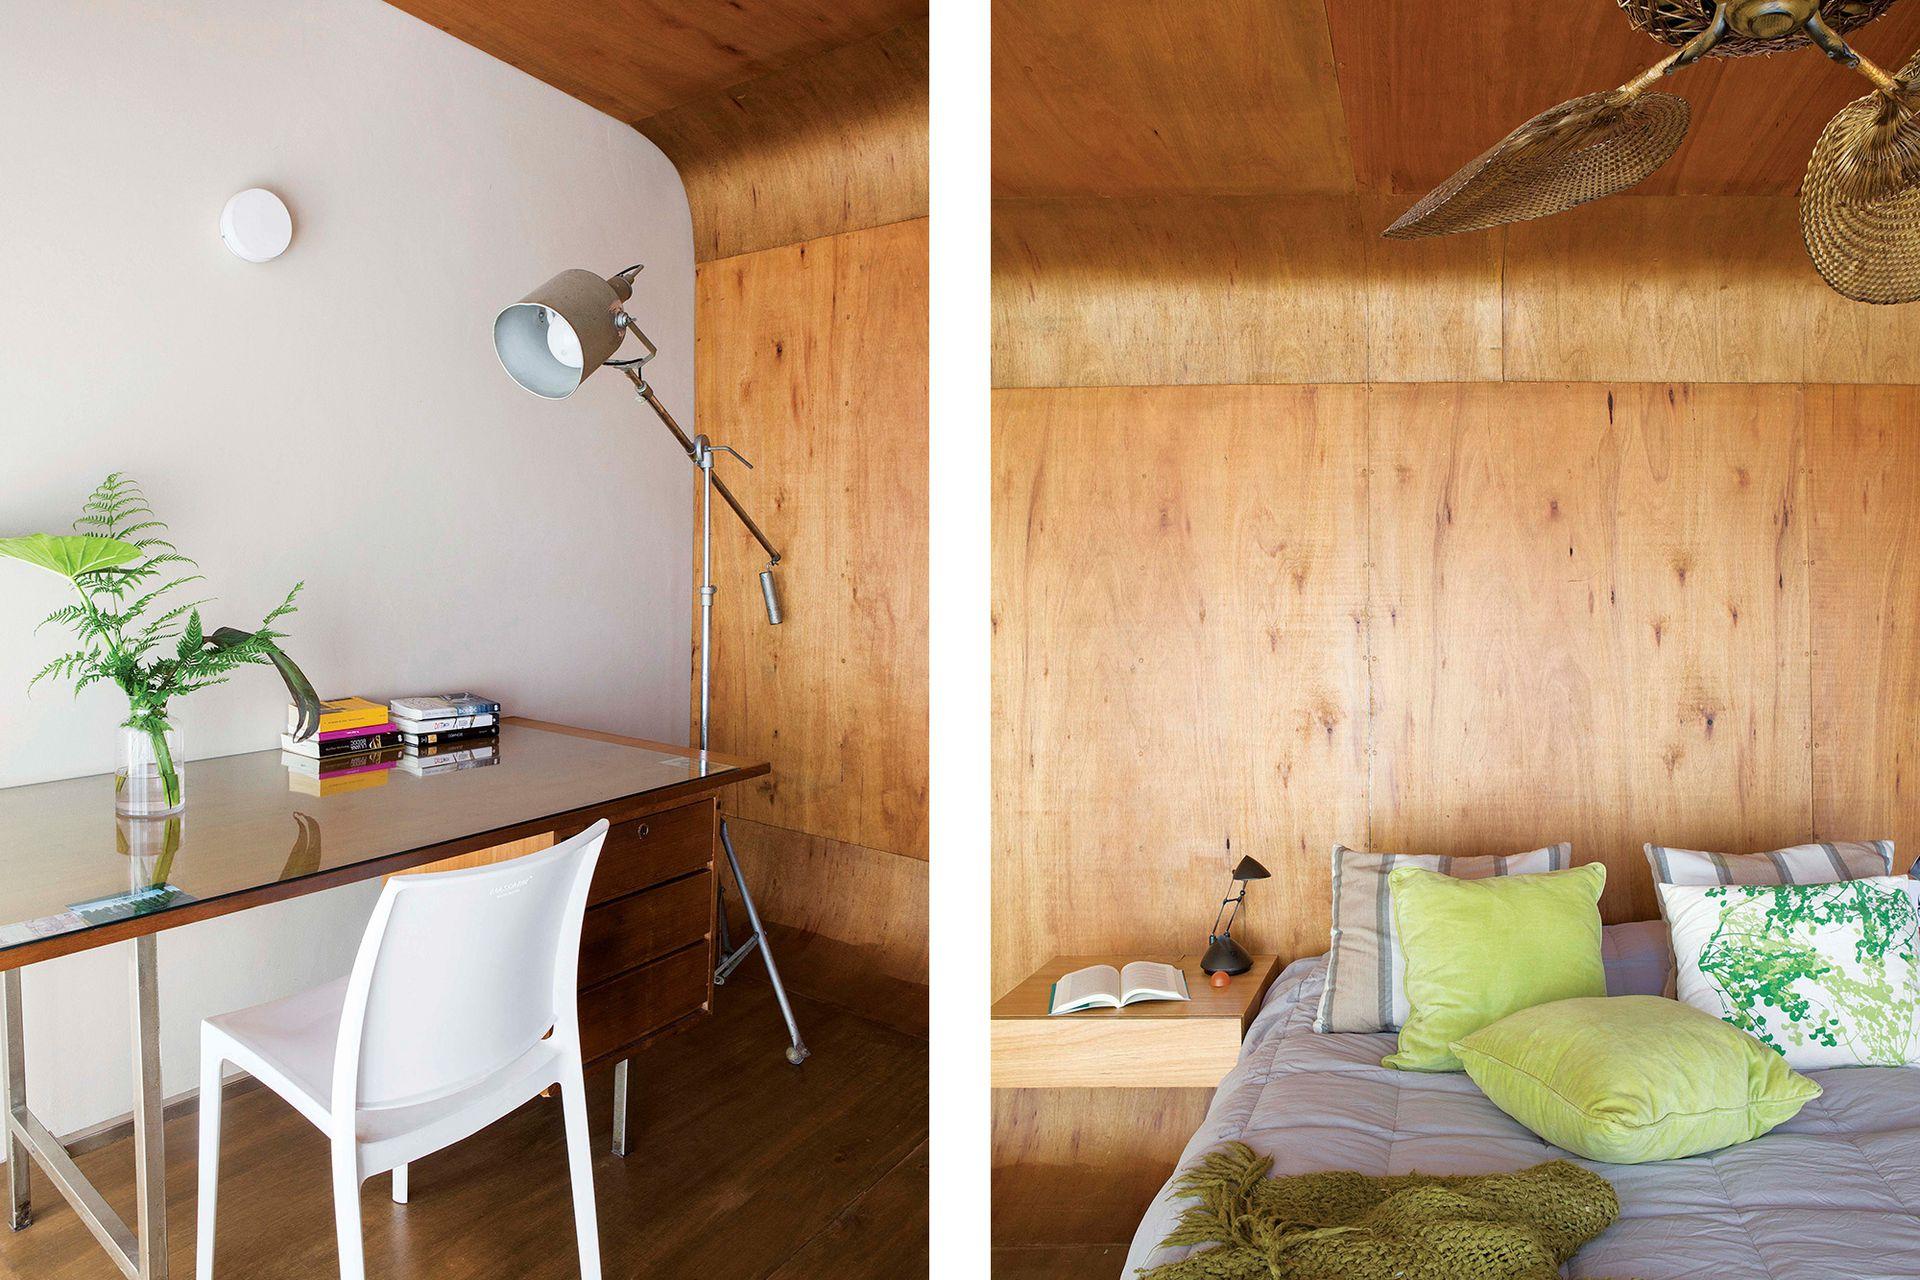 La zona del escritorio tiene un mueble heredado y una lámpara de pie de la época en que la dueña trabajaba en producción de publicidad, cine y televisión.